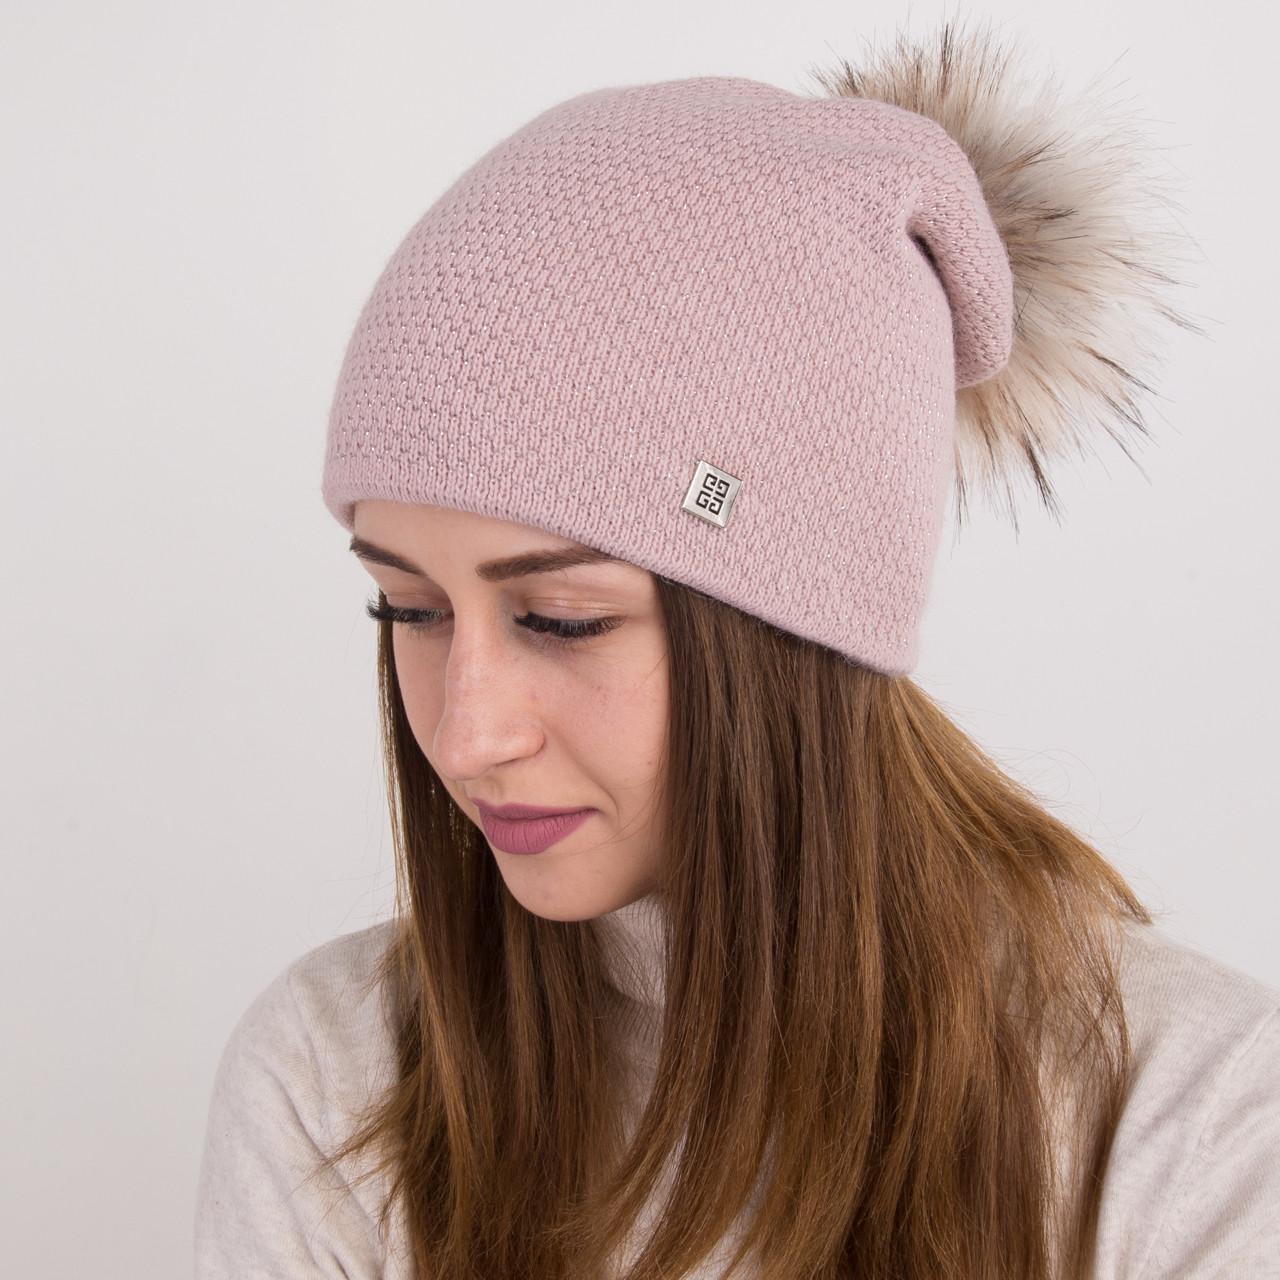 Вязанная шапка с меховым помпоном для женщин - зима 2018 - Артикул 2166 (пудра)